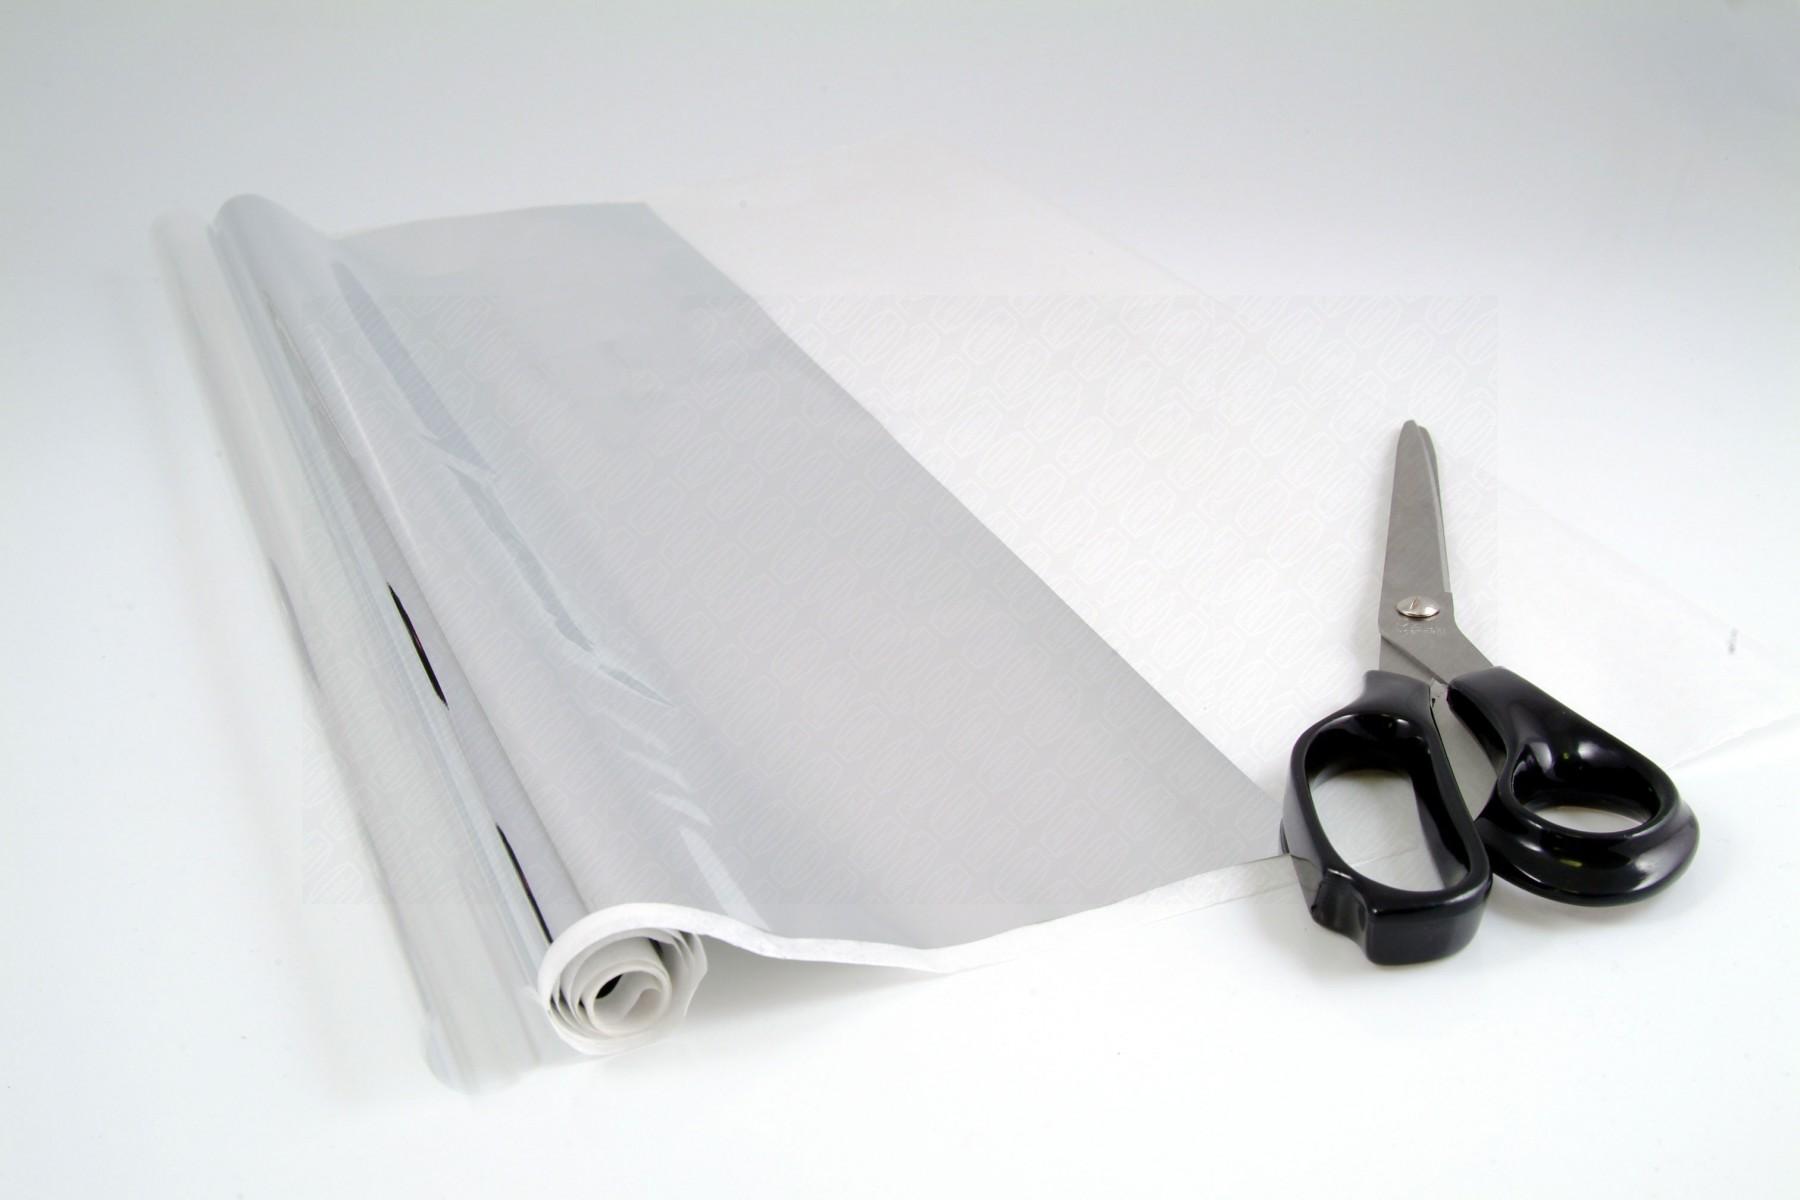 Baader AstroSolar Safety Folie OD 5.0 - 100 x 50 cm